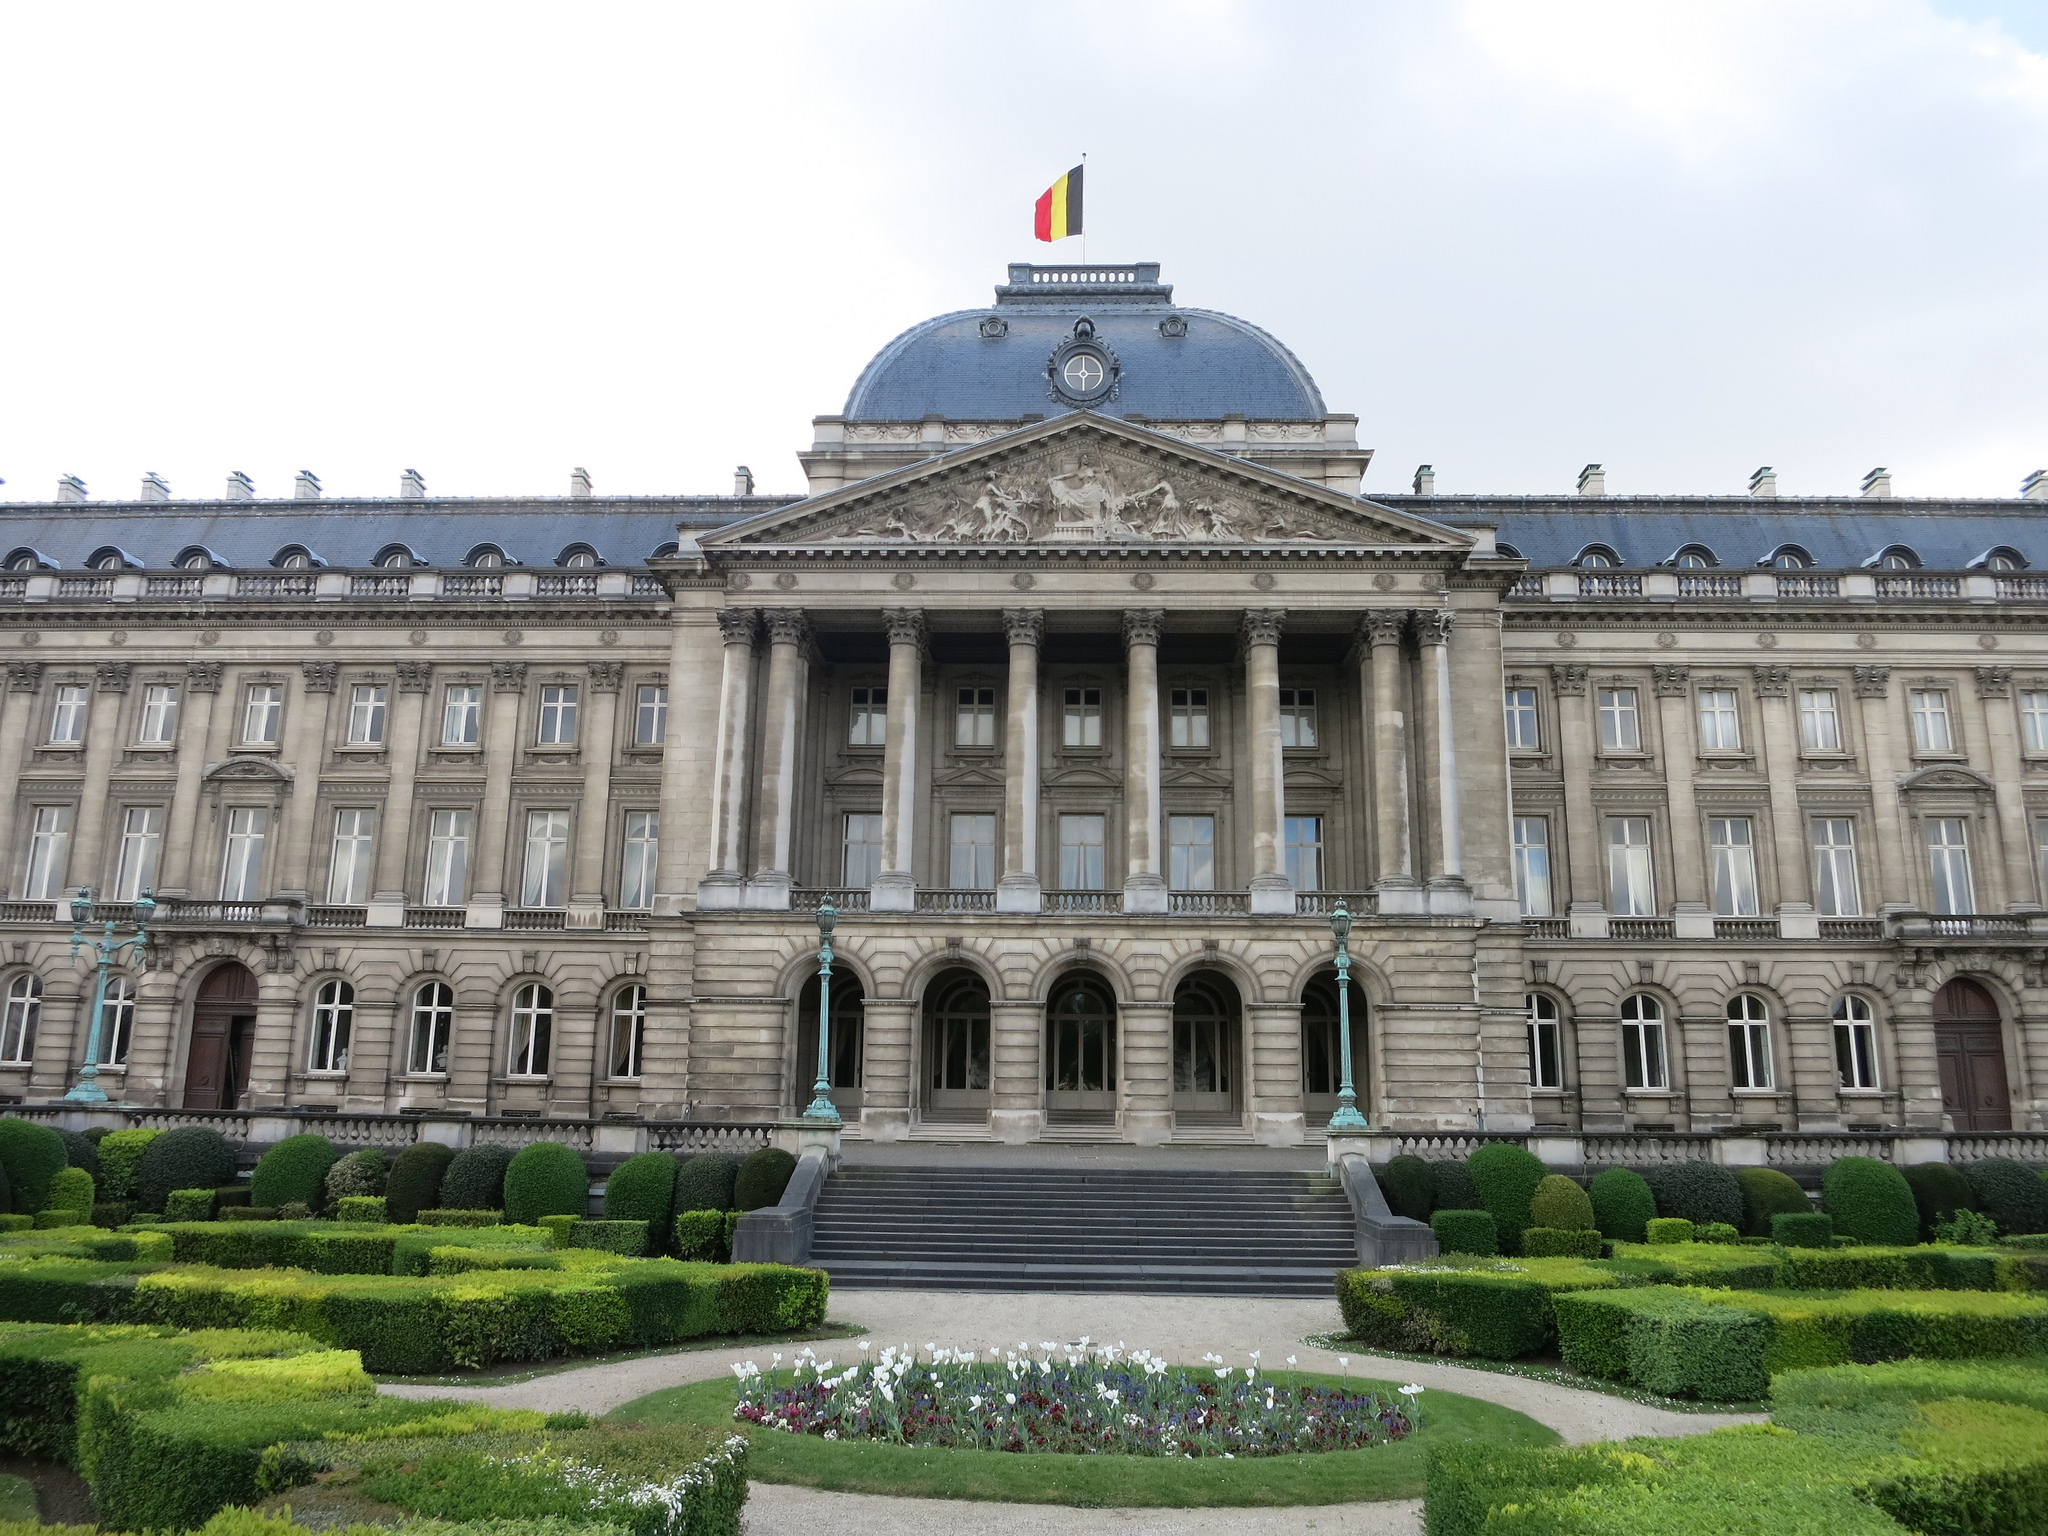 Королевский дворец в Брюсселе || Palais Royal de Bruxelles _дворец_в_Брюсселе%2C_фасад